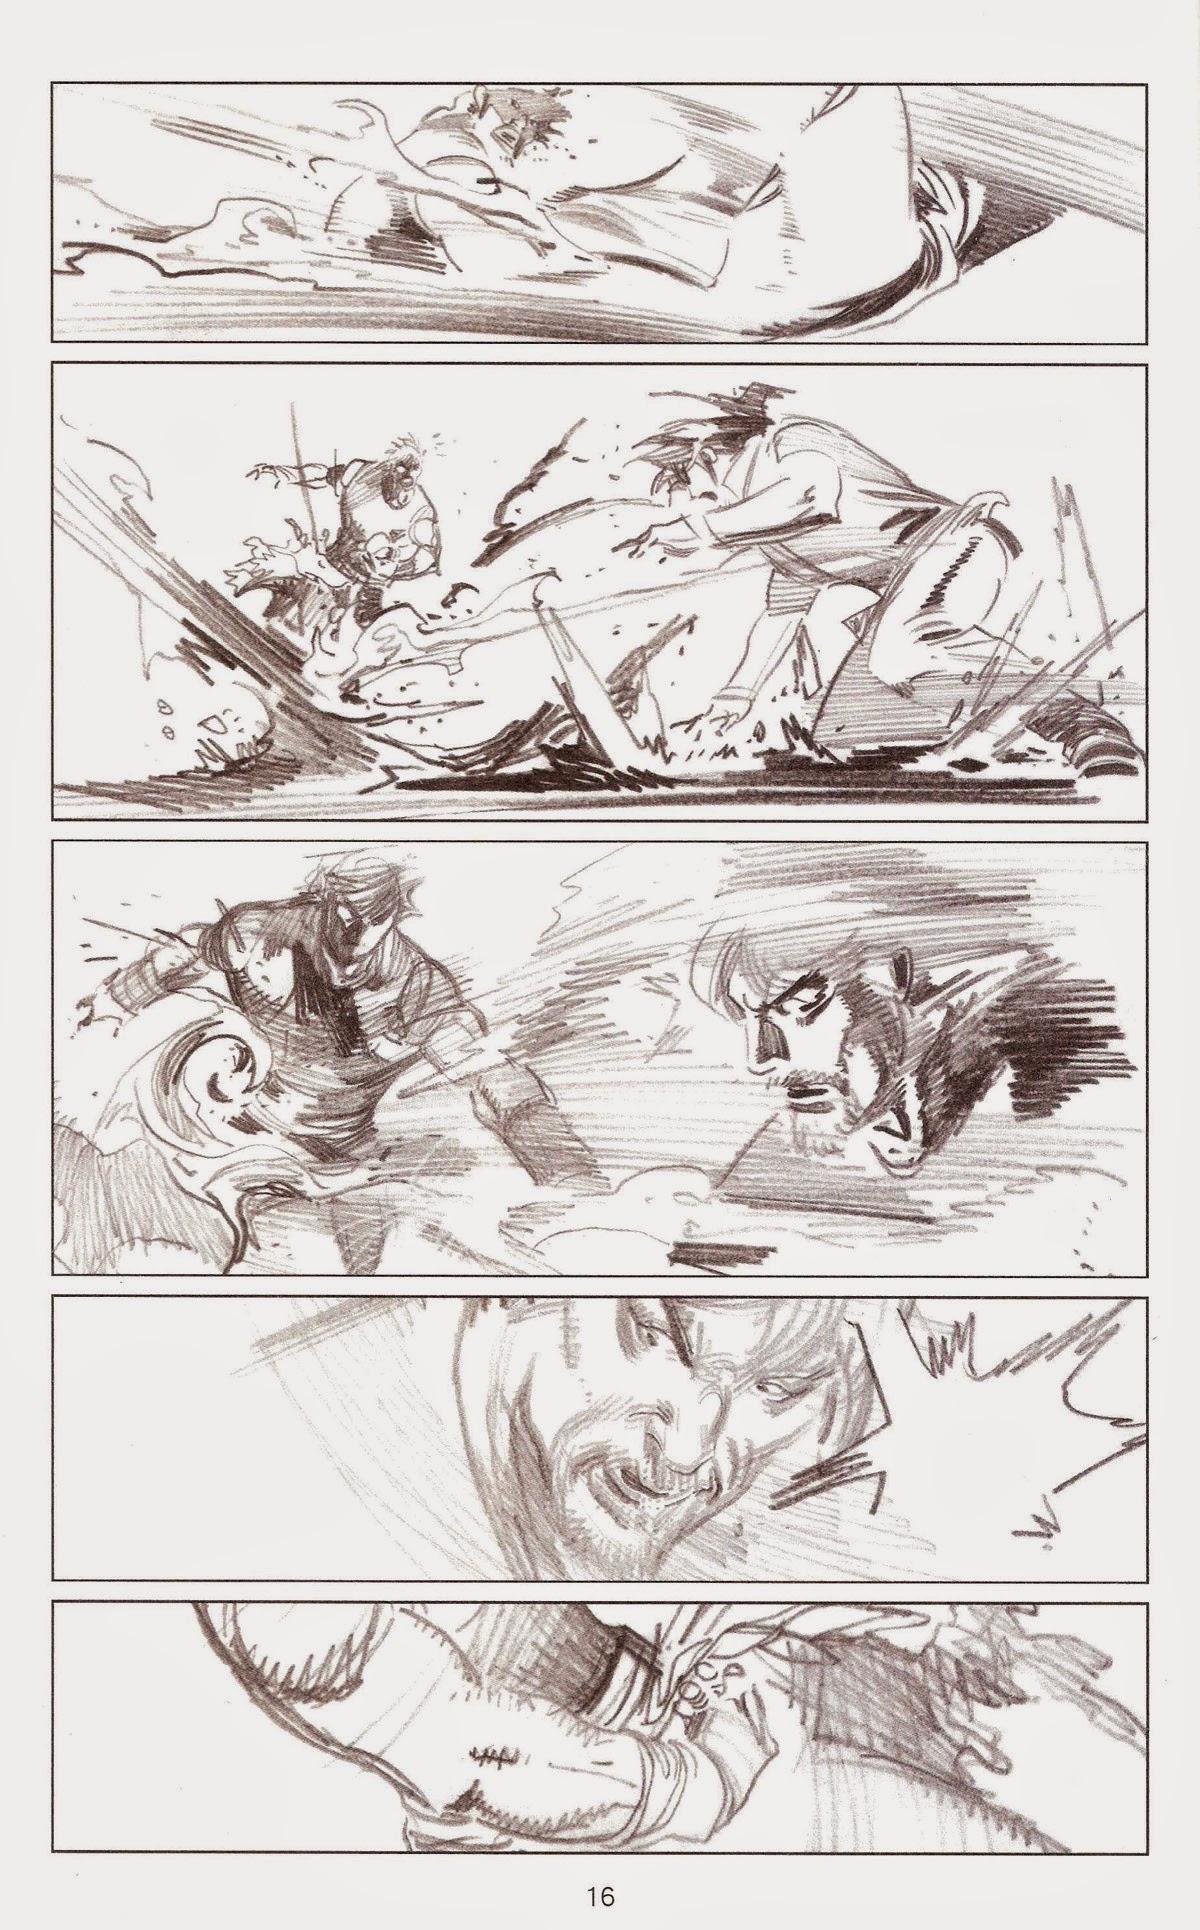 Phong Vân chap 675 - Trang 14